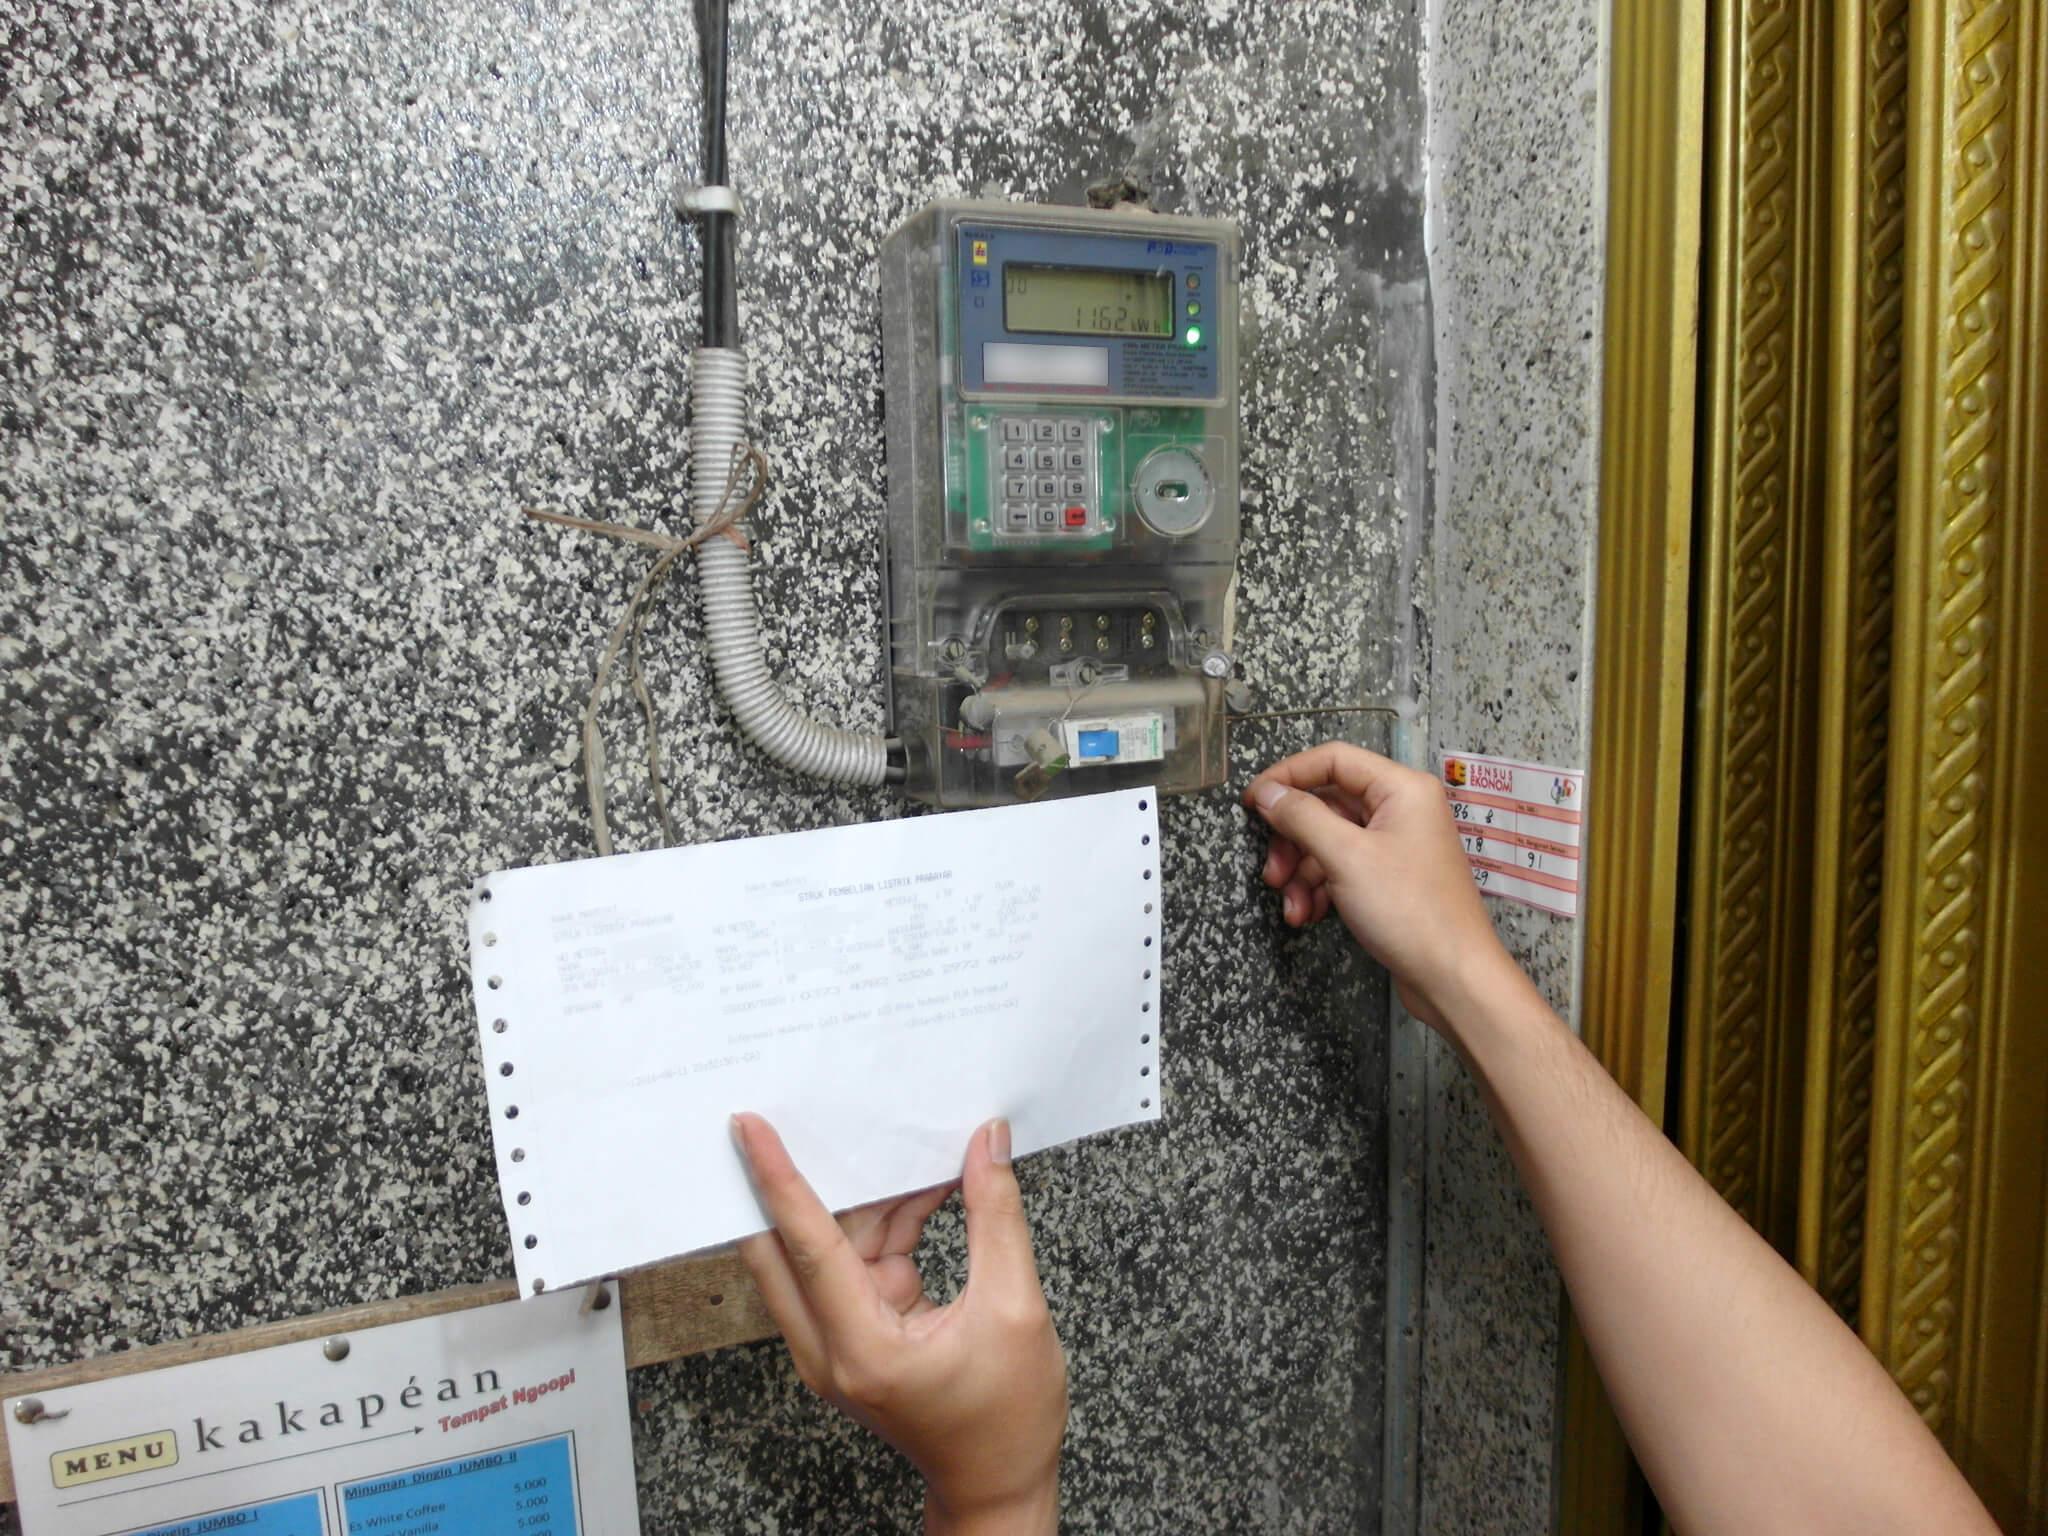 Memasukkan Kode Token Listrik Prabayar Pln Ke Kwh Meter Dengan Nomor Meteran 5 Id Berbeda